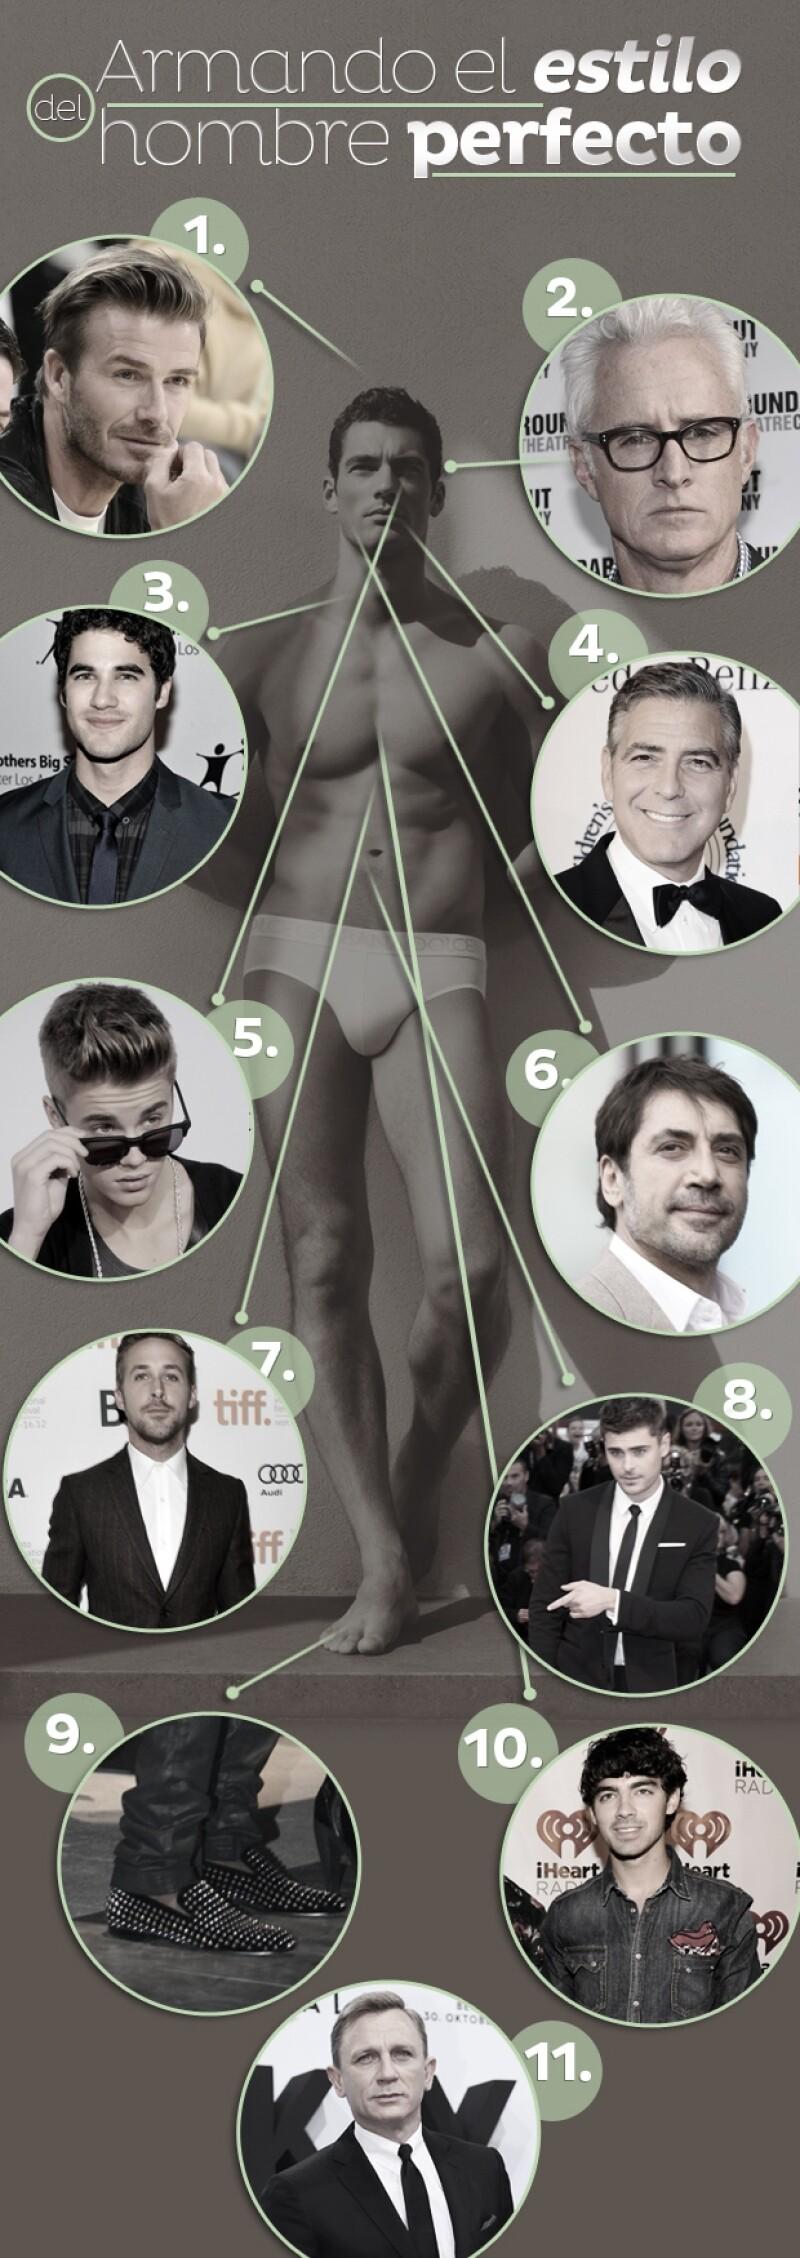 Tomamos lo mejor de los look de más de diez famosos para crear el estilo al vestir del hombre nuestros sueños. Y así se vería...